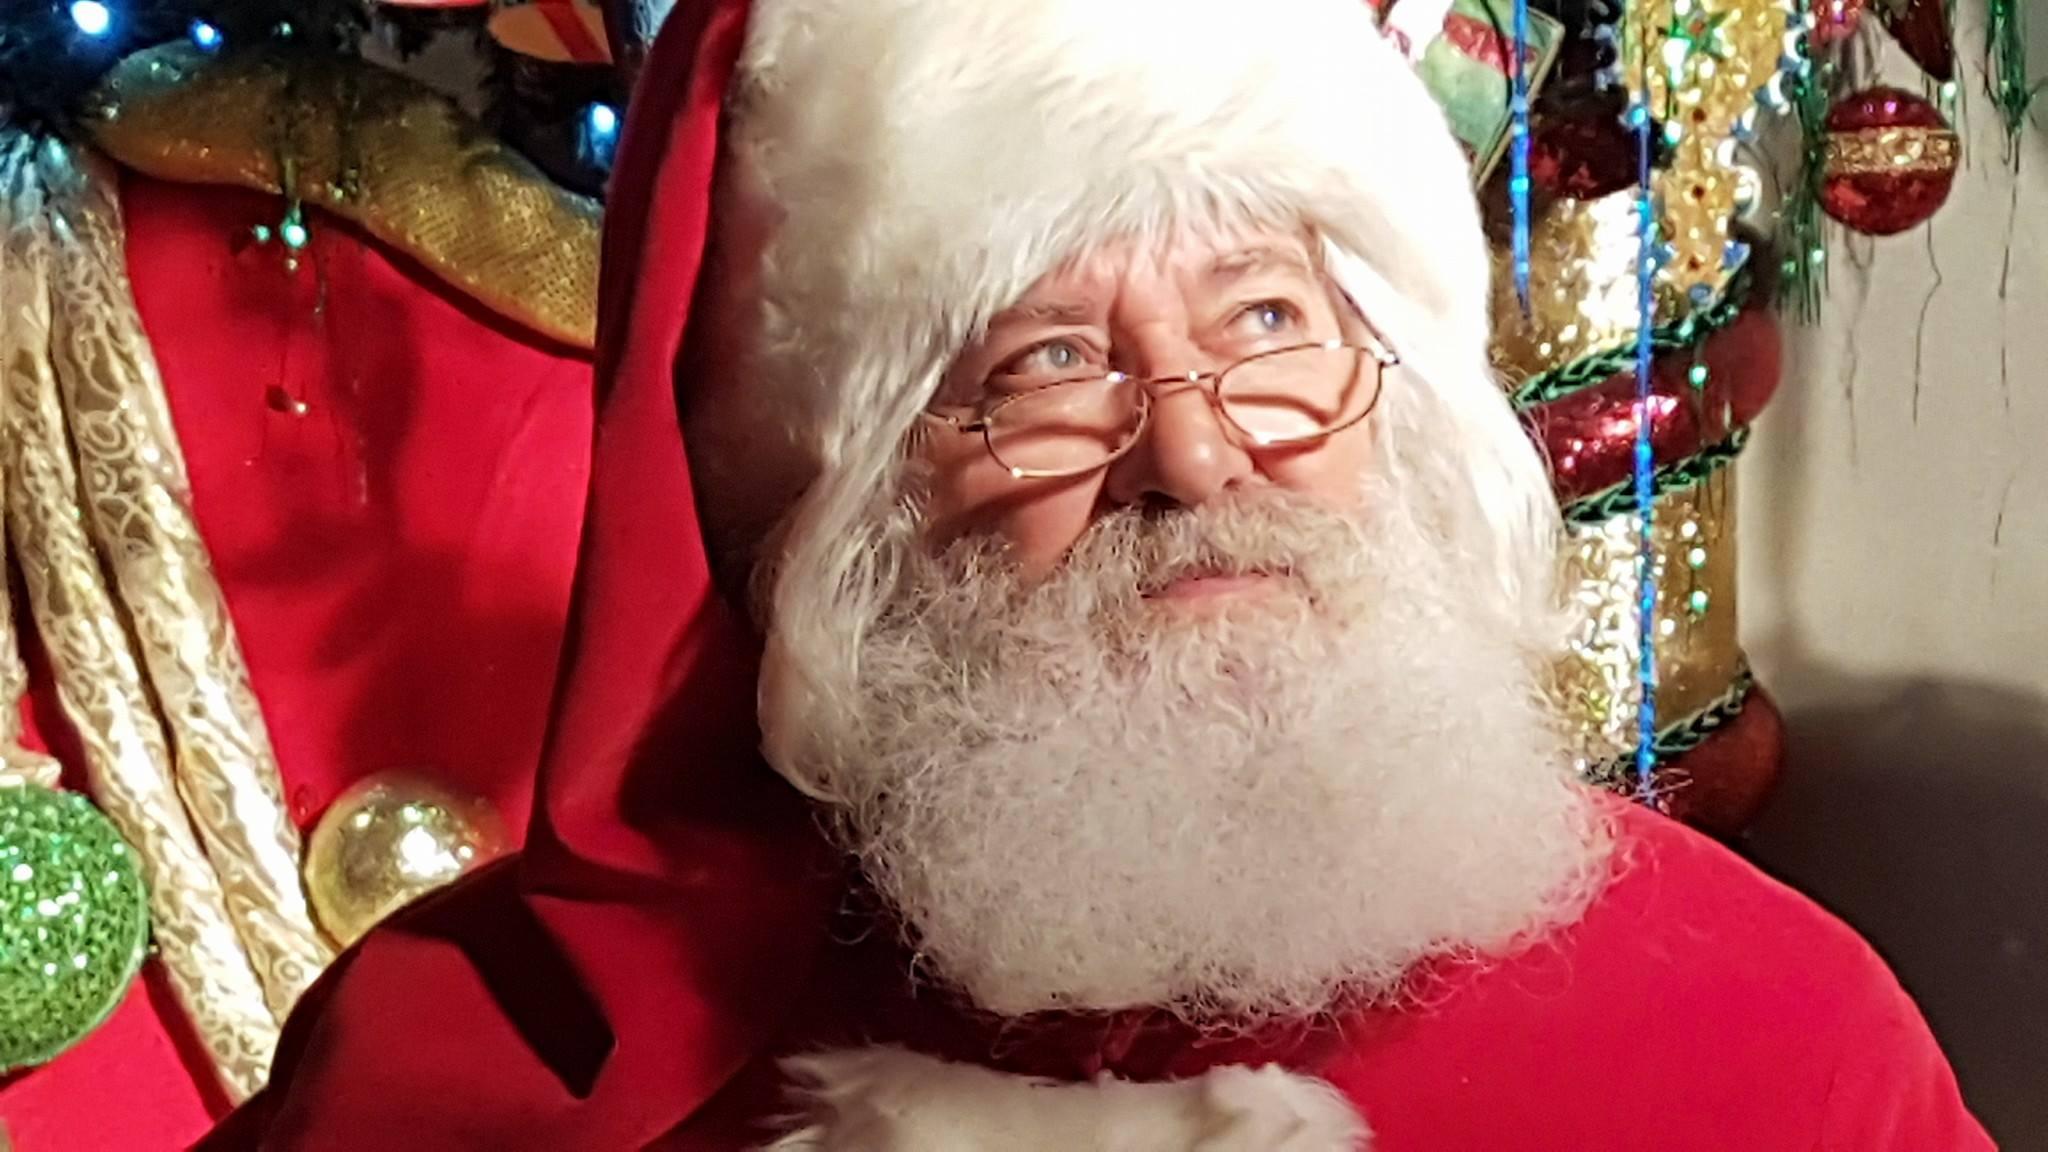 Babbo Natale Quando E Nato.Come Nasce La Leggenda Di Babbo Natale Storia Curiosita E Mito Originato Da San Nicola